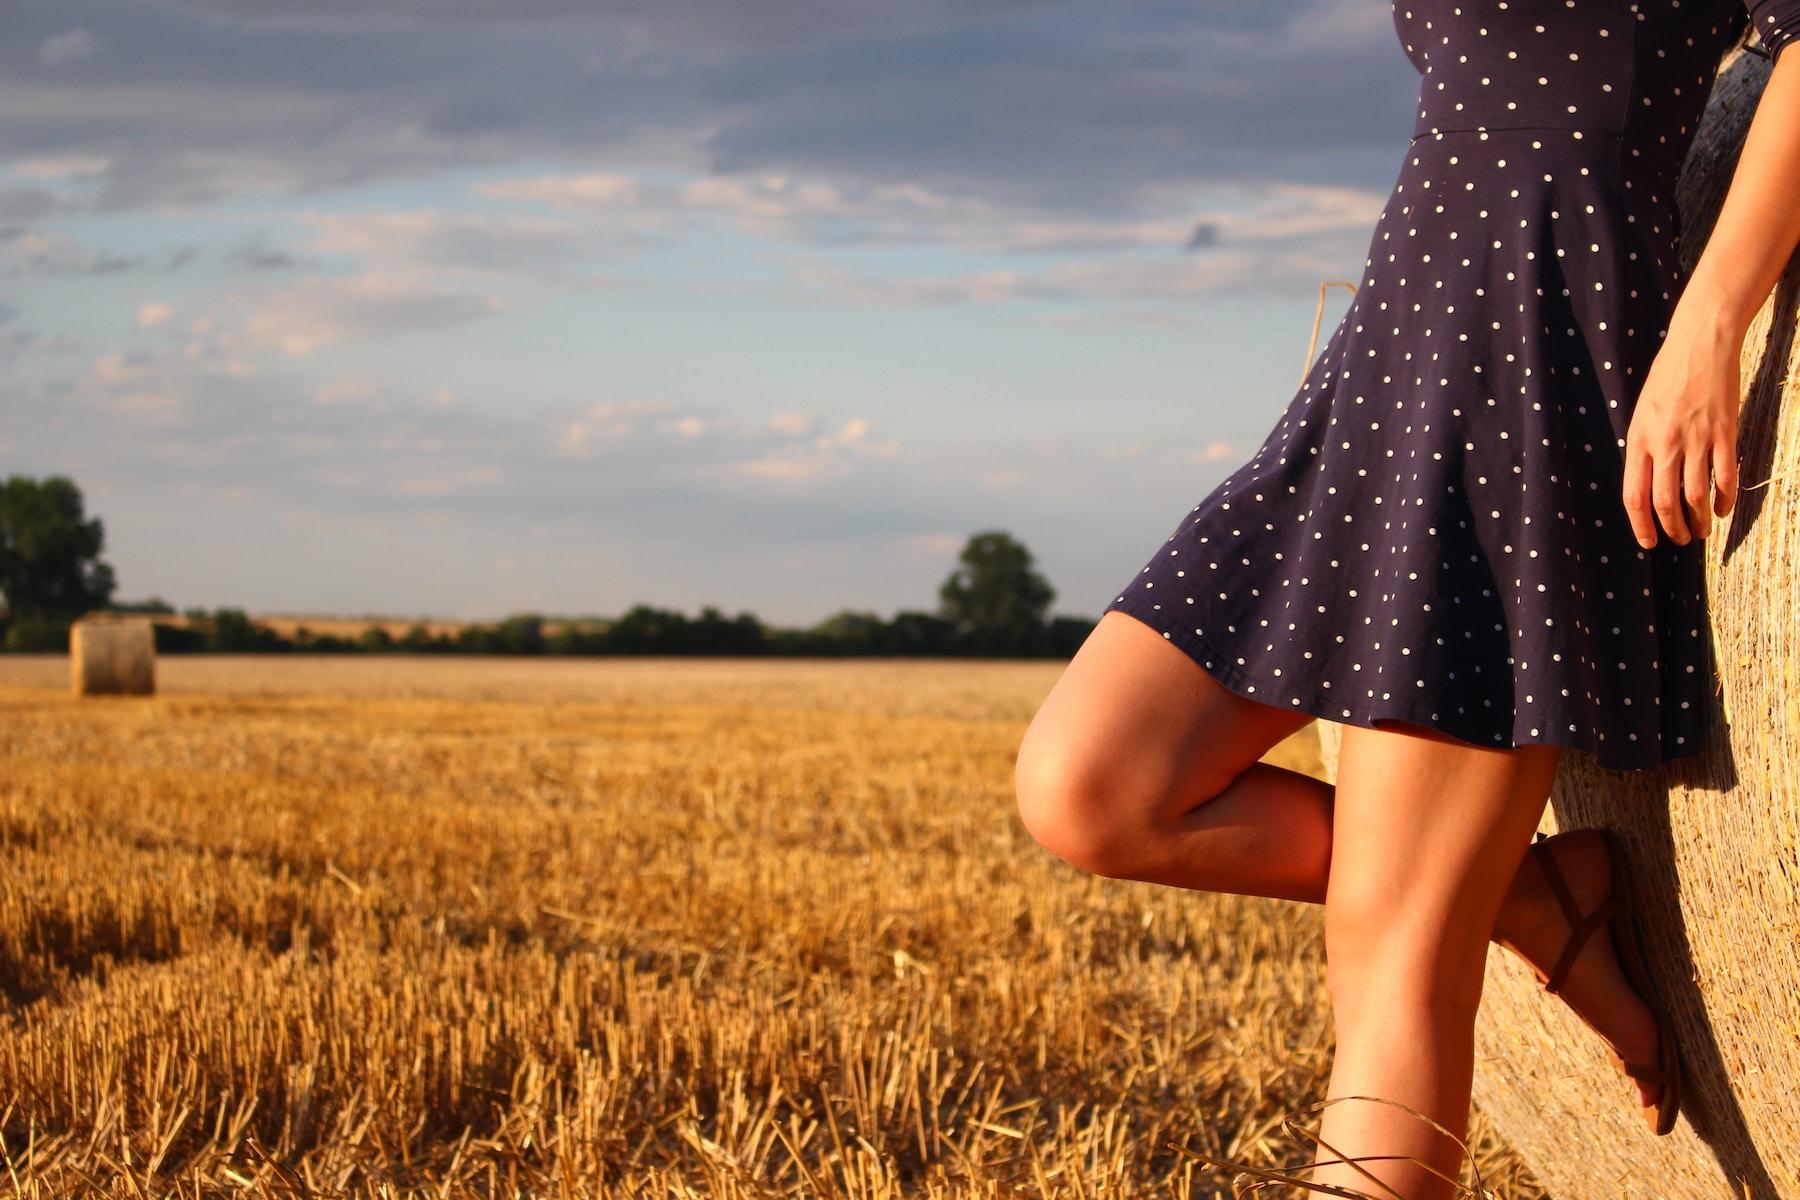 7 Tipps, Knieschmerzen nach dem Joggen ursächlich verbessern - ohne Operation Kennst du das, dass dich beim Laufen Knieschmerzen plagen oder hast du Knieschmerzen nach dem Joggen? Oder eine alte Knieverletzung wieder Beschwerden verursacht. Und so richtig wirst du diese ich los, egal was du ausprobierst. Dann nutze diese 7 Tipps und verbessere deine Knieschmerzen ursächlich. #Knieschmerzen nach #Joggen #Laufen #Schmerzen